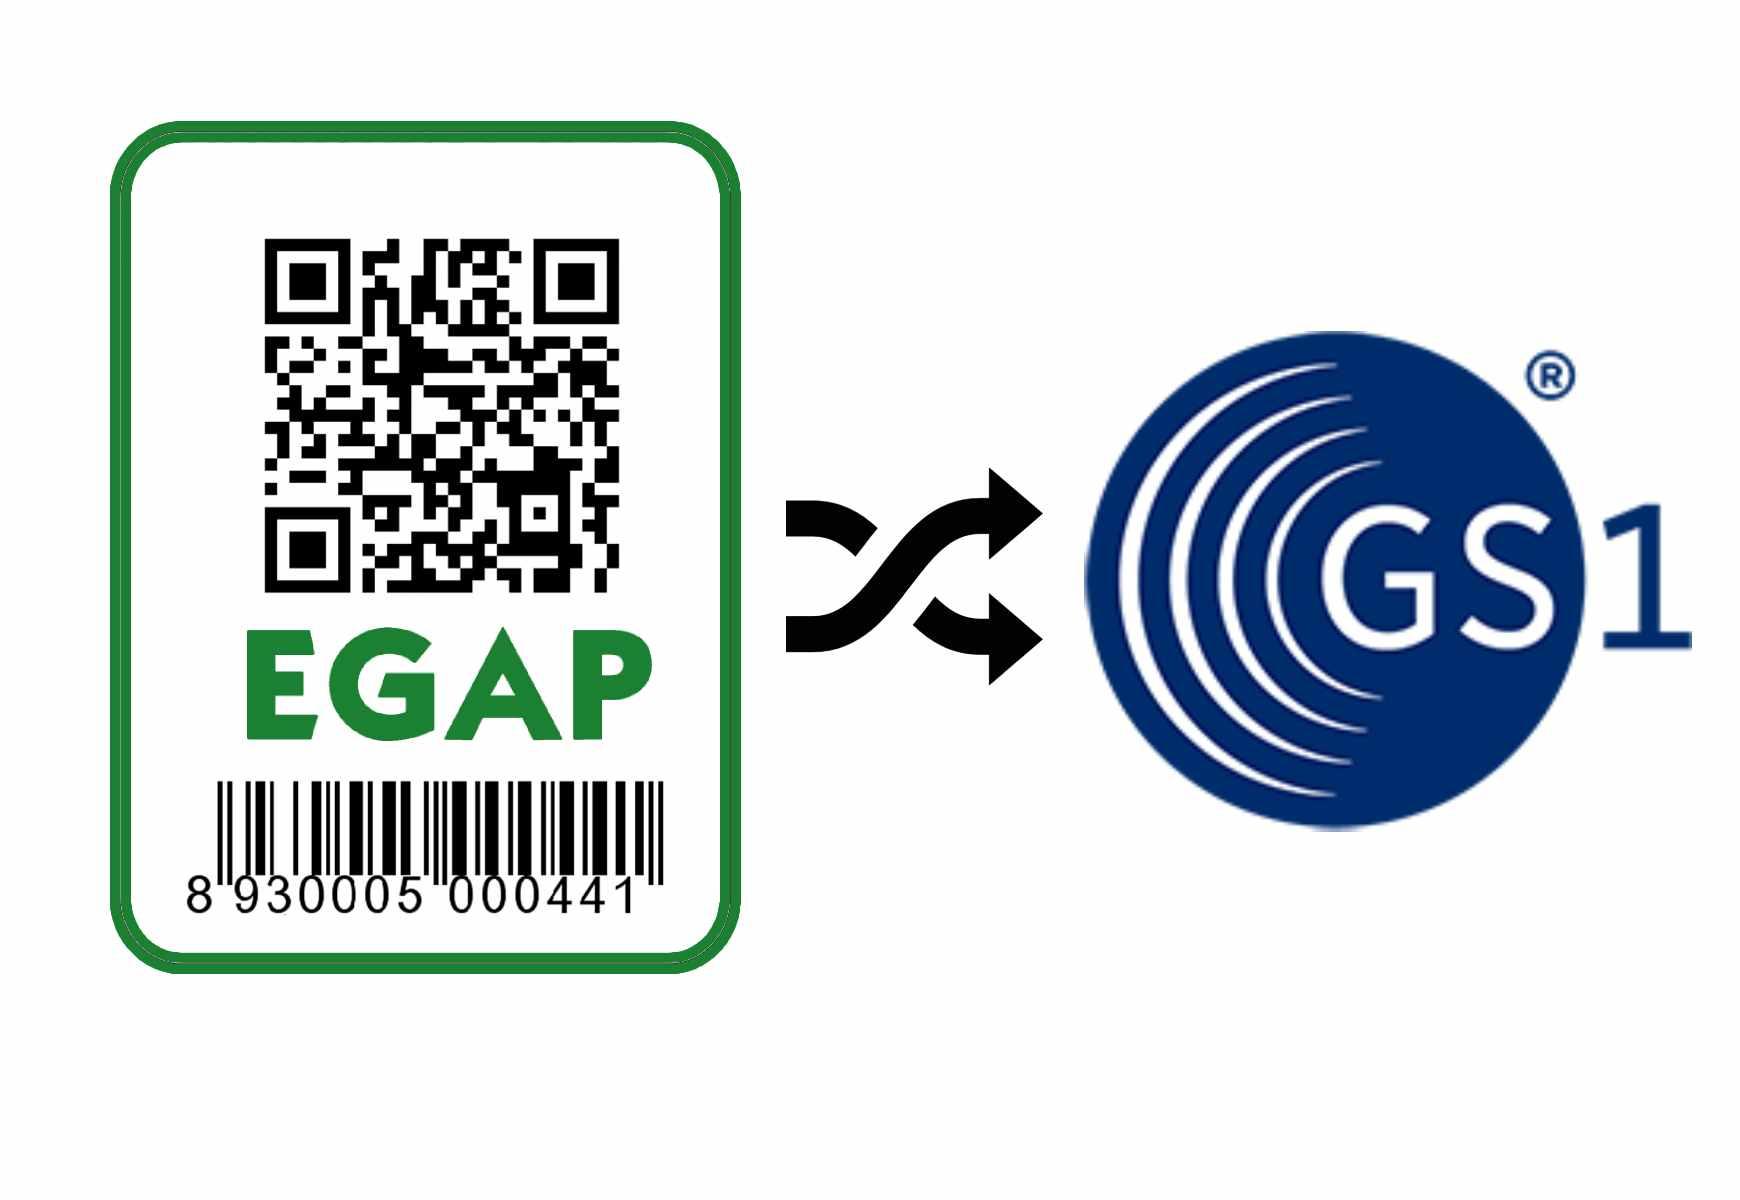 Dịch vụ truy xuất & giám sát e-GAP